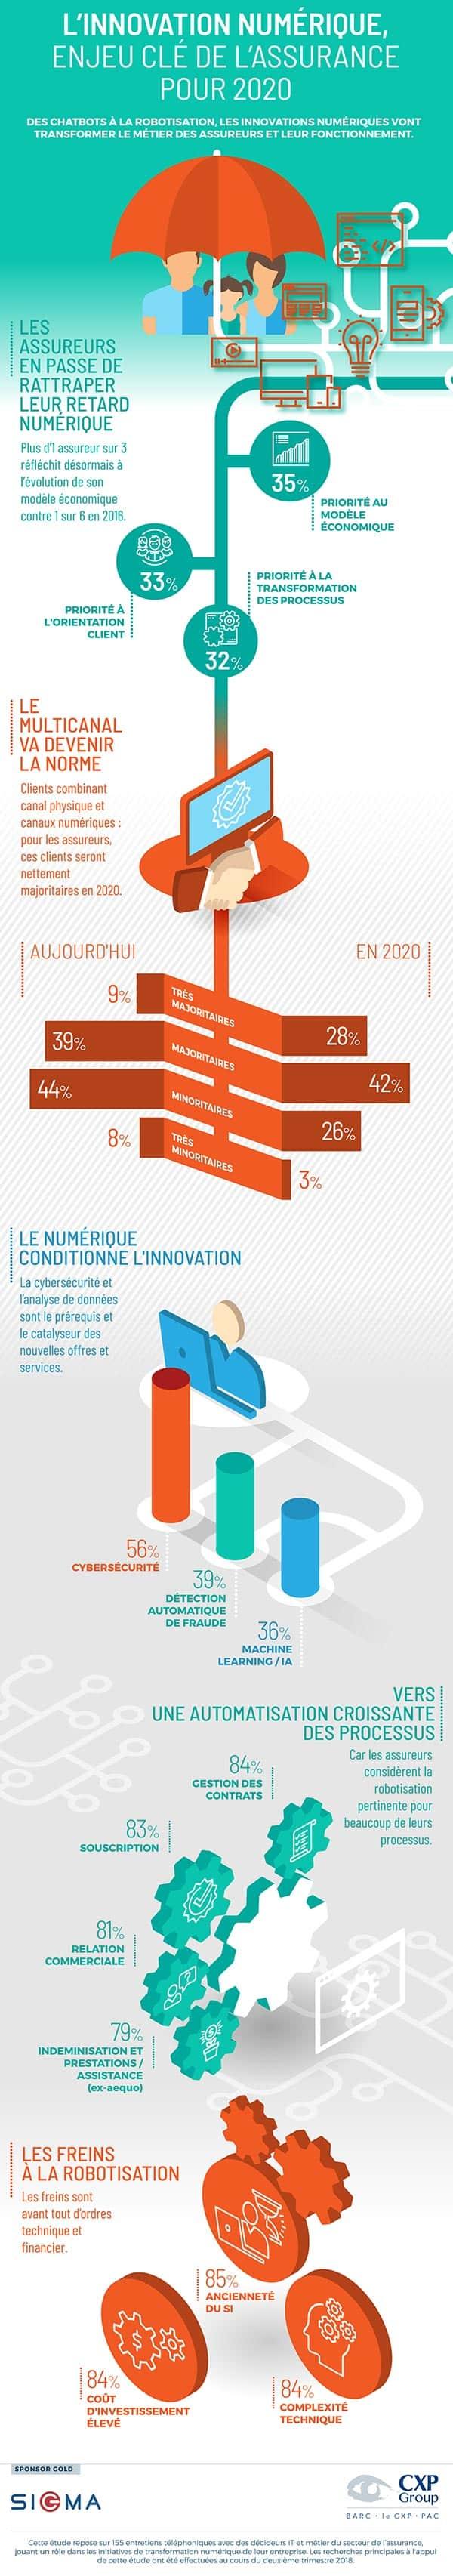 Infographie innovation numerique assurance